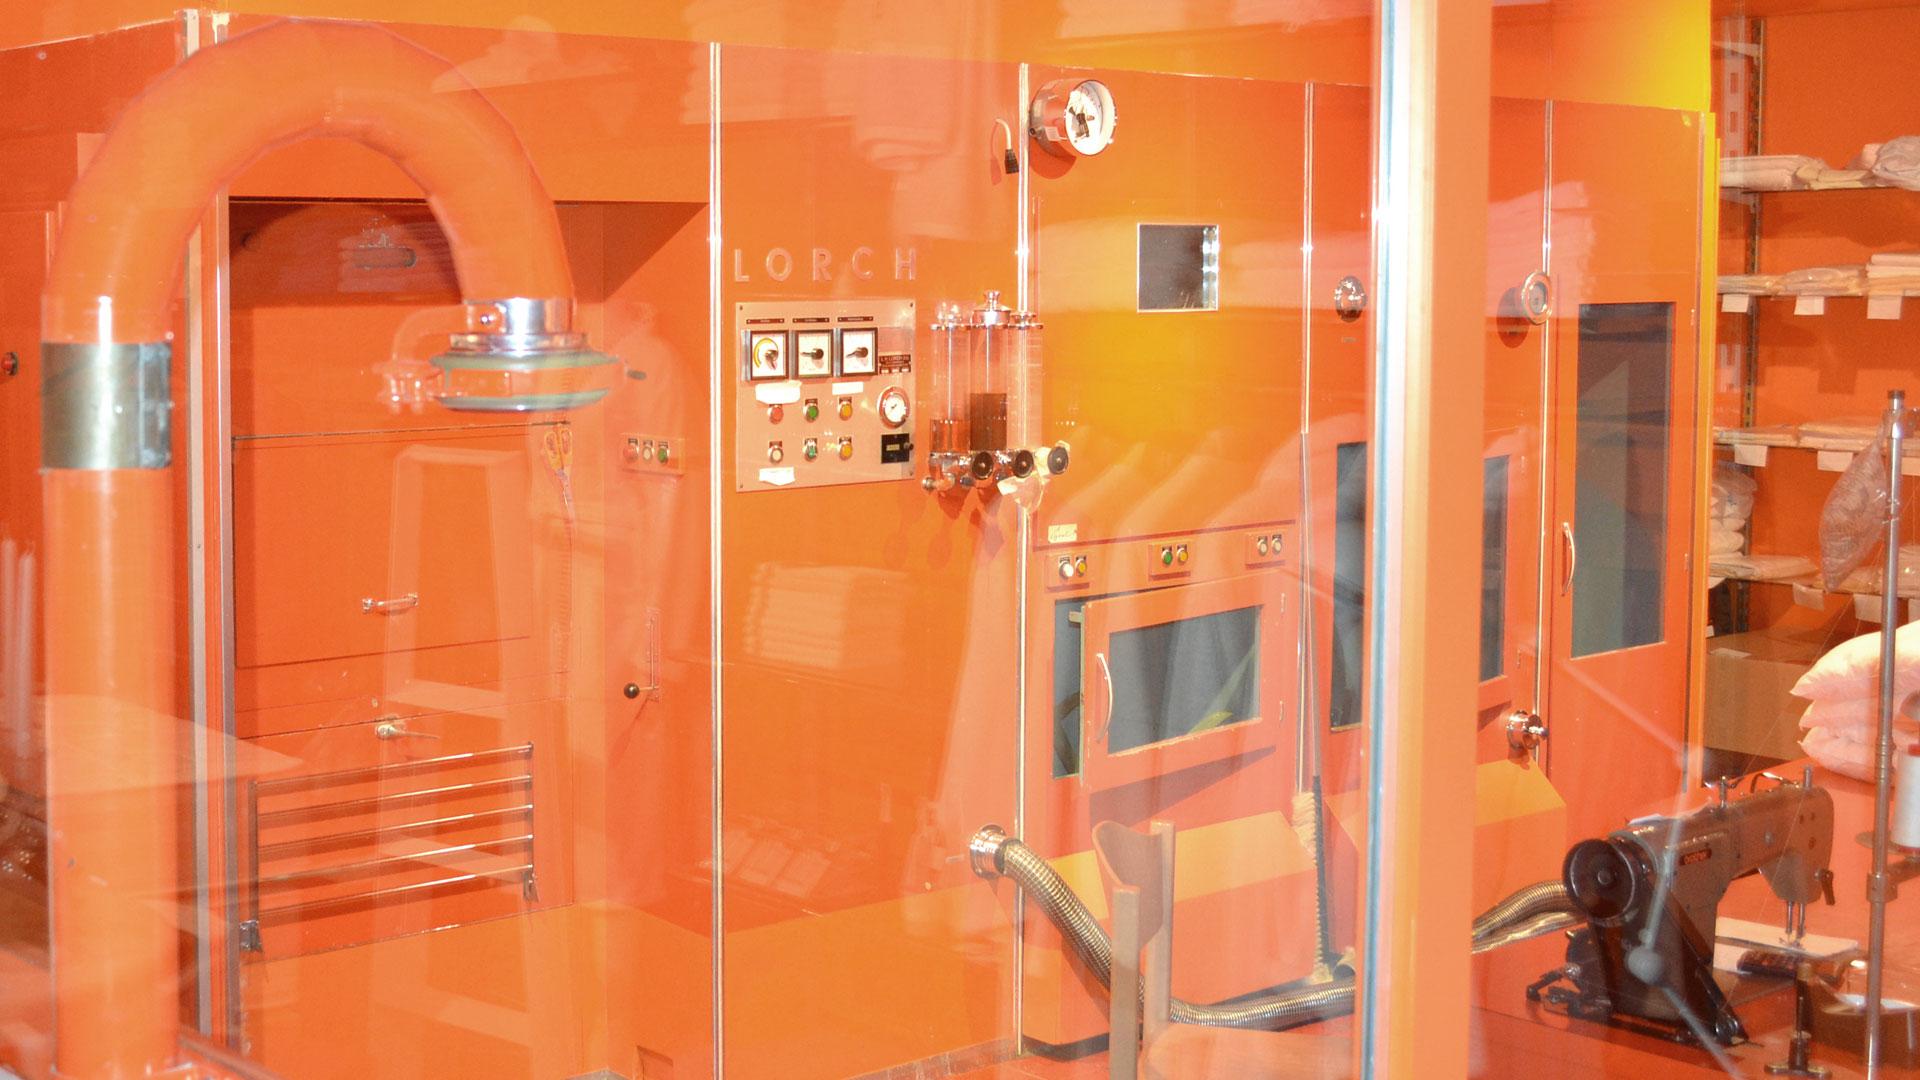 171109_1920x1080_72dpi_orange